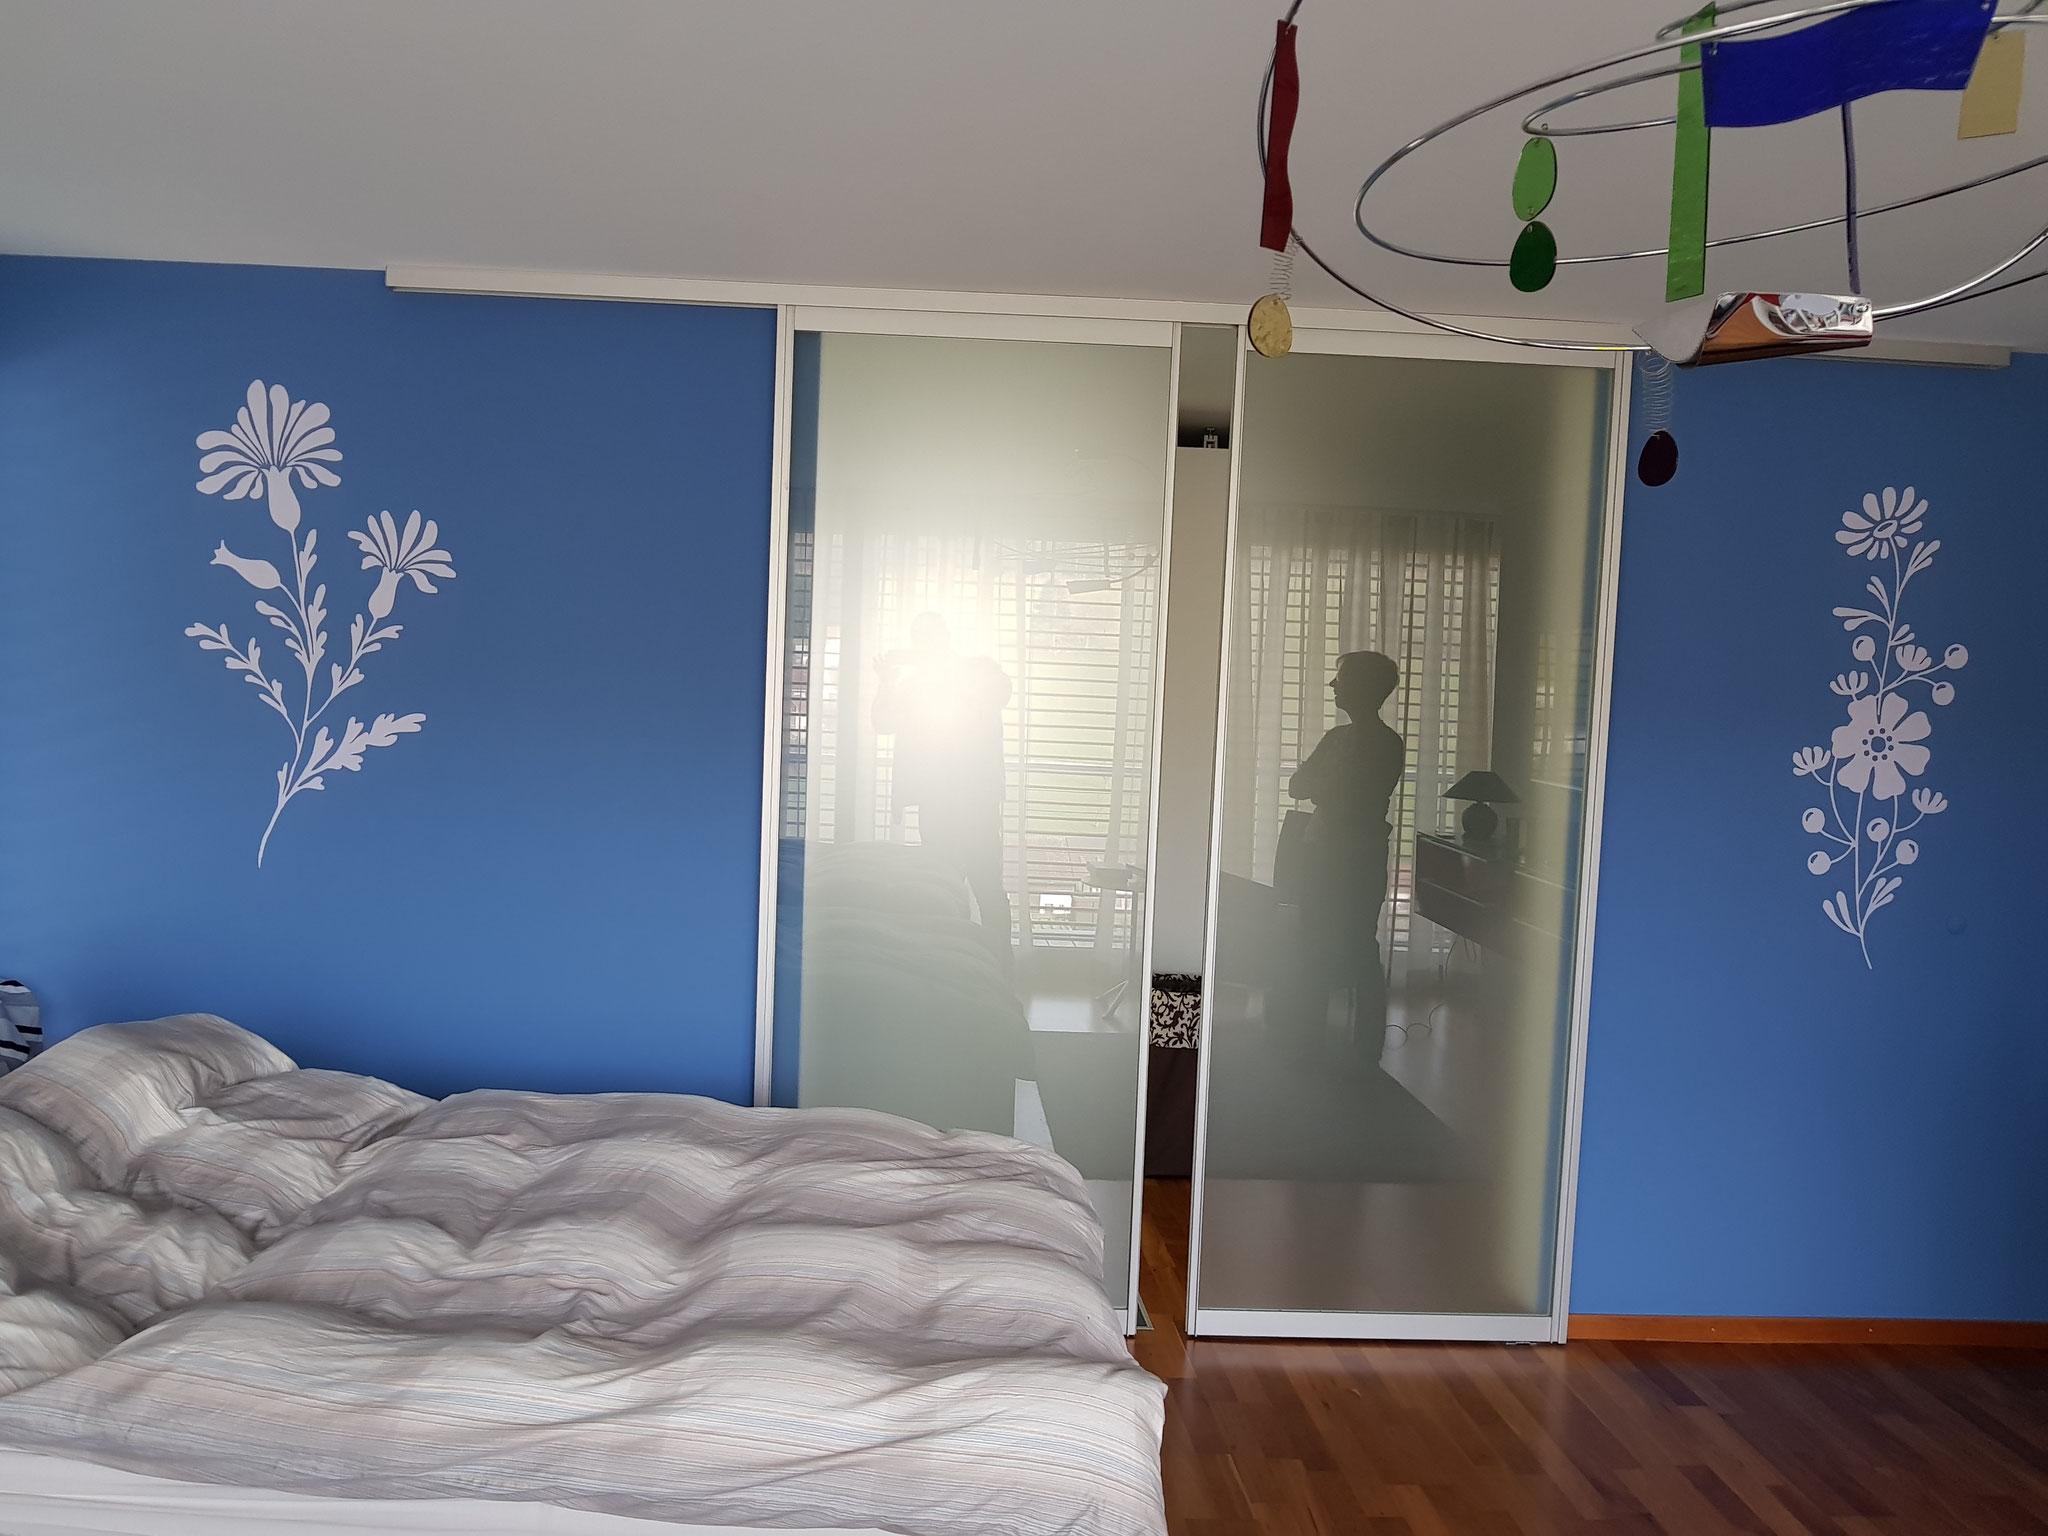 Dekorativ gestaltetes Schlafzimmer in einem EFH.